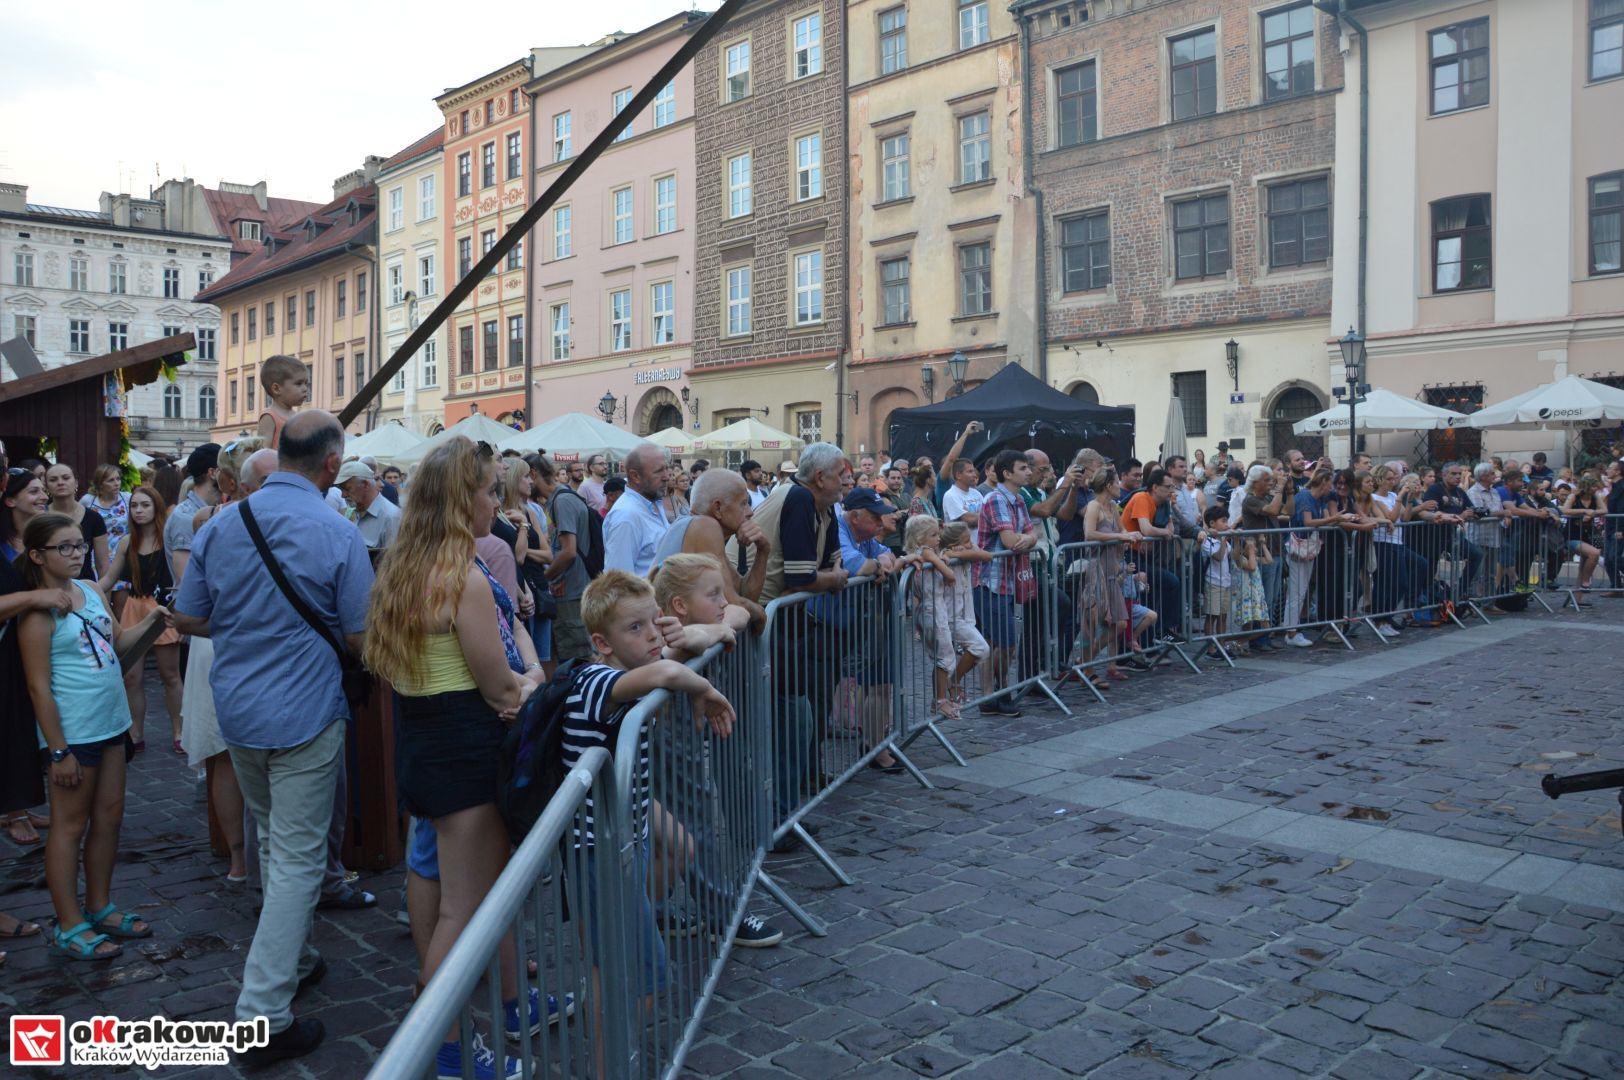 krakow festiwal pierogow maly rynek koncert cheap tobacco 148 150x150 - Galeria zdjęć Festiwal Pierogów Kraków 2018 + zdjęcia z koncertu Cheap Tobacco